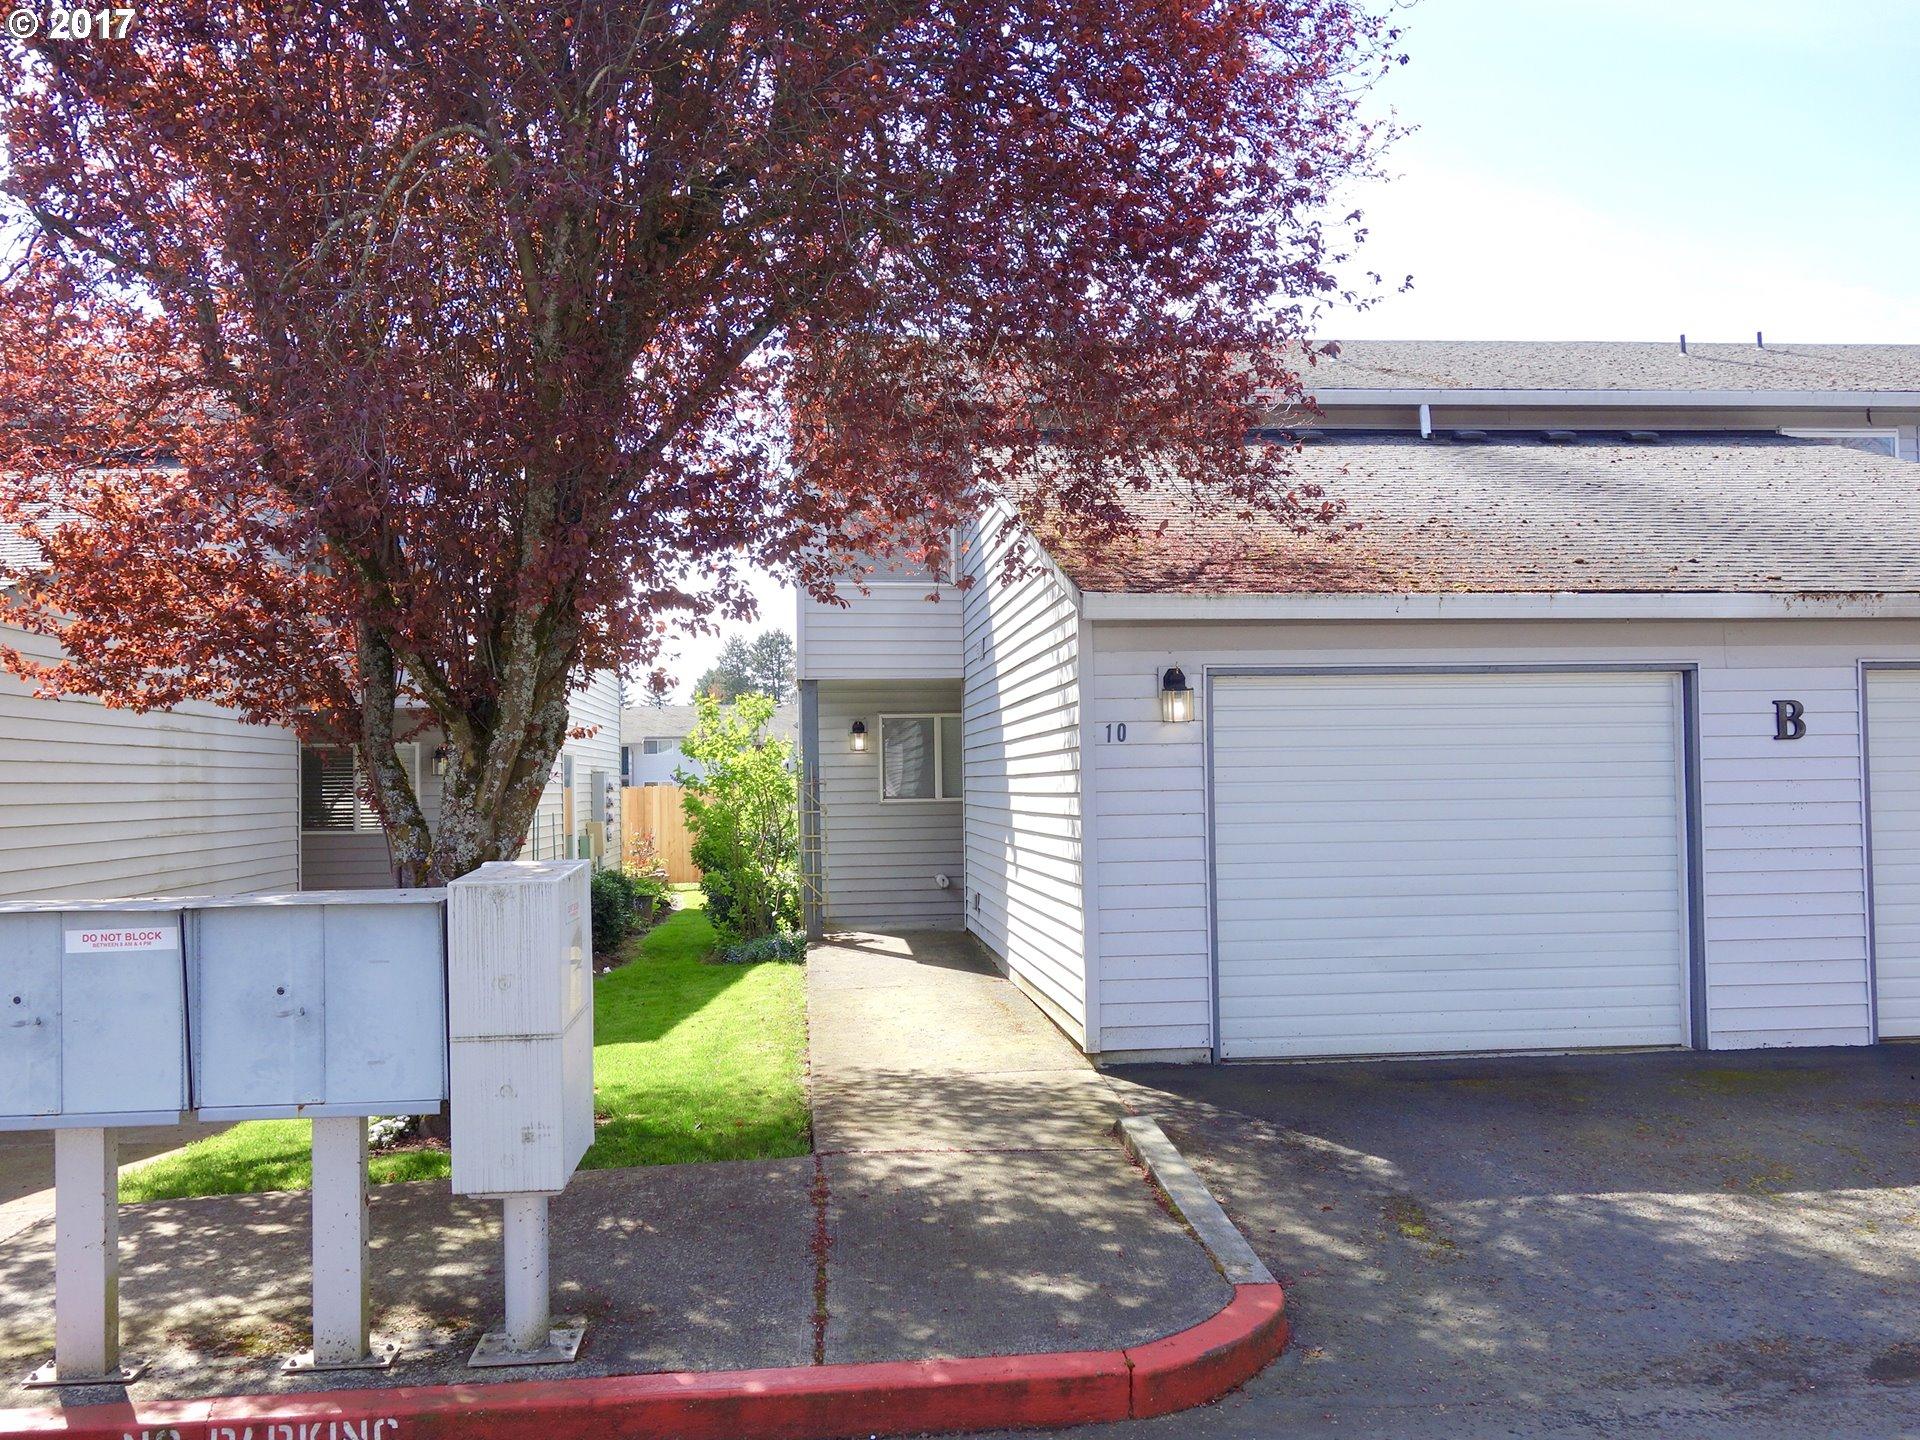 5301 PLOMONDON ST B10, Vancouver, WA 98661